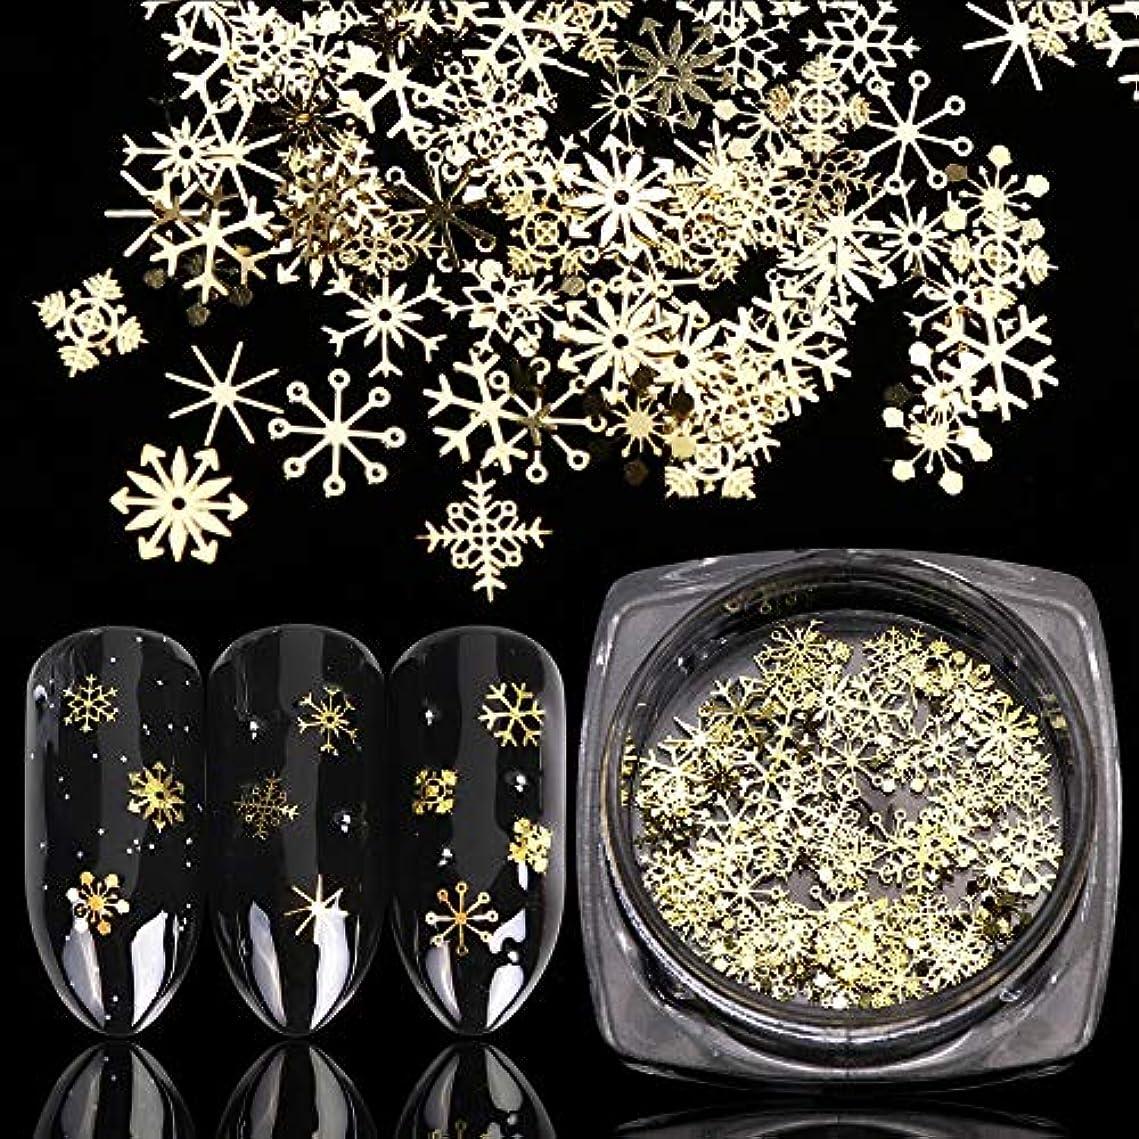 エントリアベニュー黒くするネイルアートのためのゴールドネイルグリッタースパンコールスノーフレークミックスデザインデコレーション1本